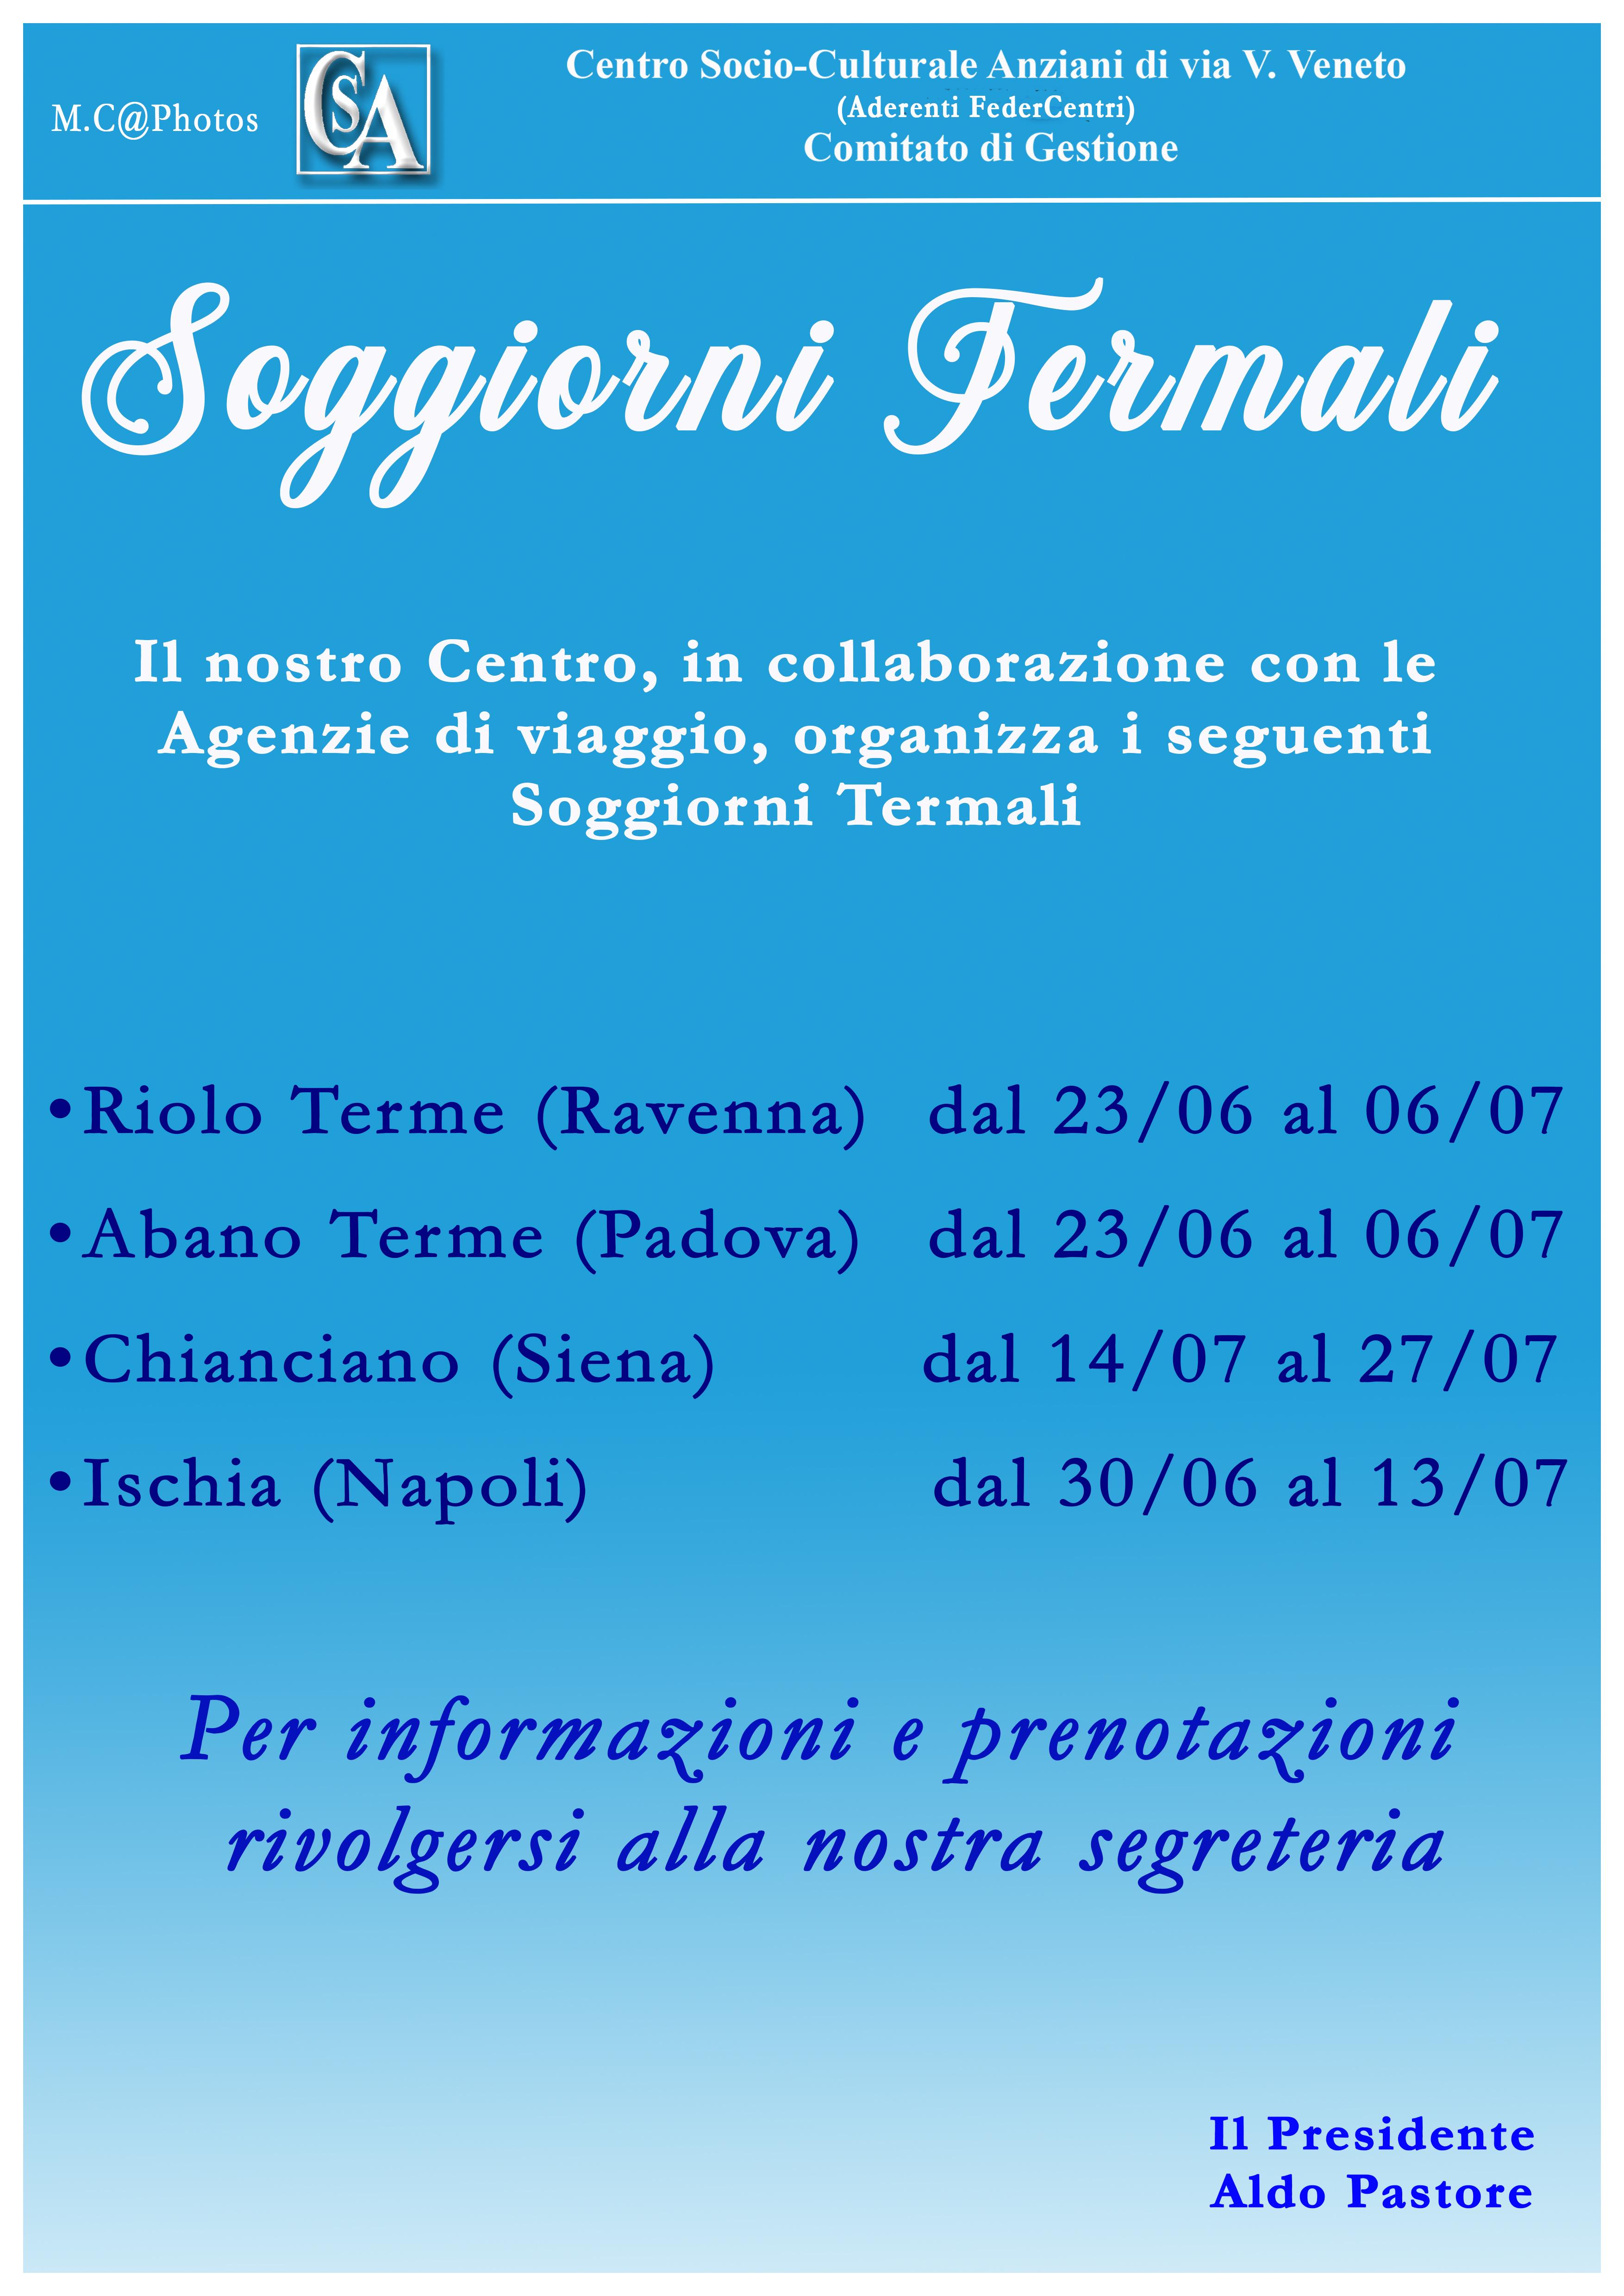 Soggiorni termali centro socio culturale anziani for Soggiorni termali